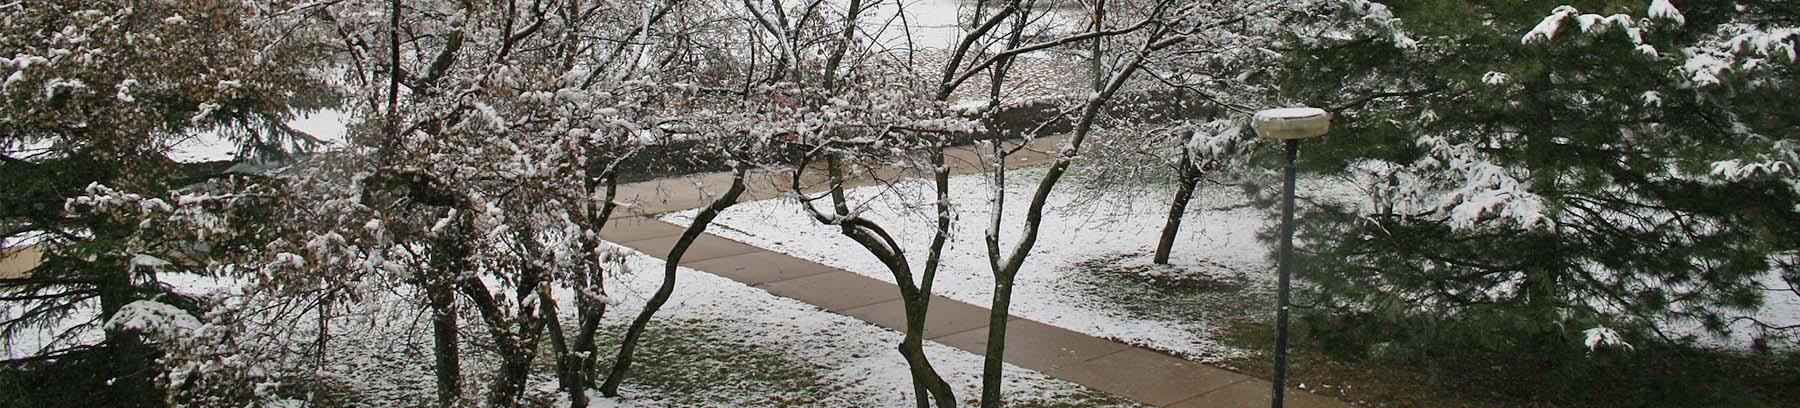 Century campus in winter